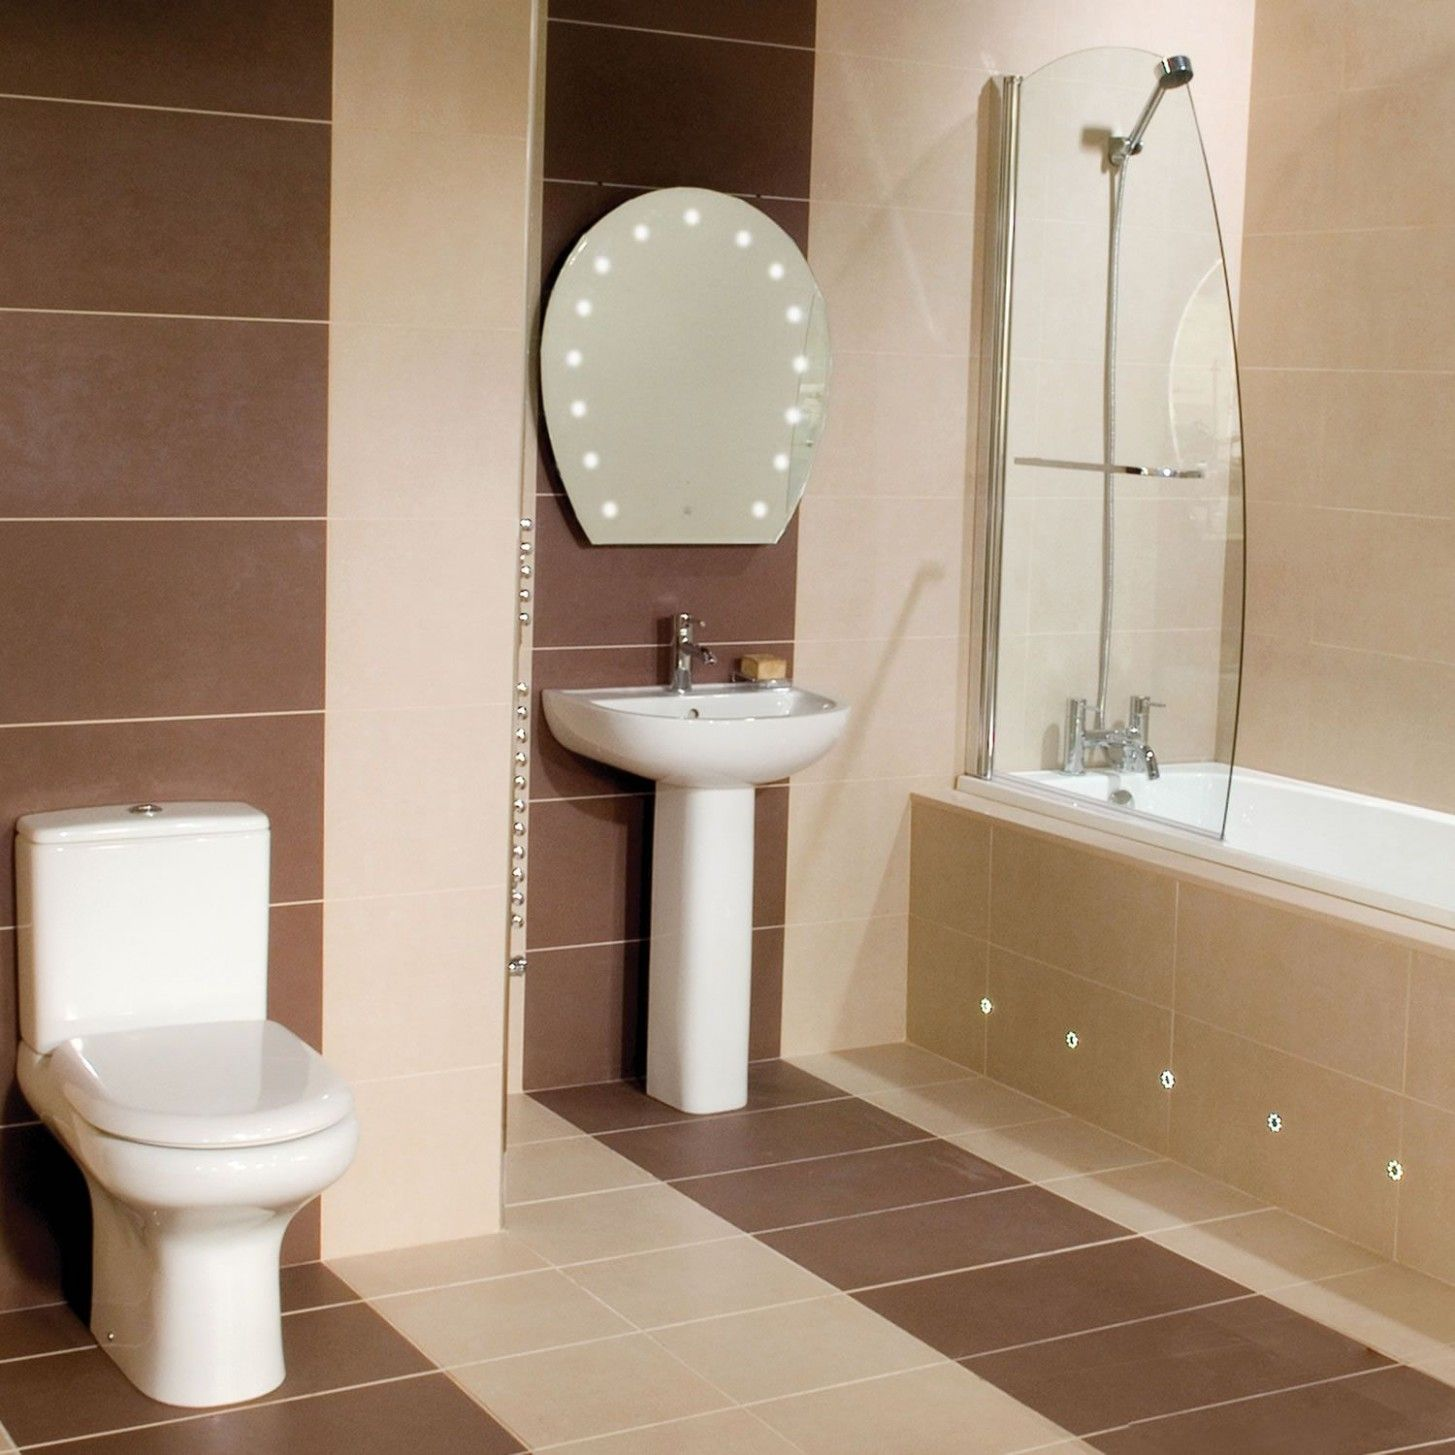 Bathroom Tiles Images Gallery In India Simple Bathroom Modern Bathroom Toilet Design